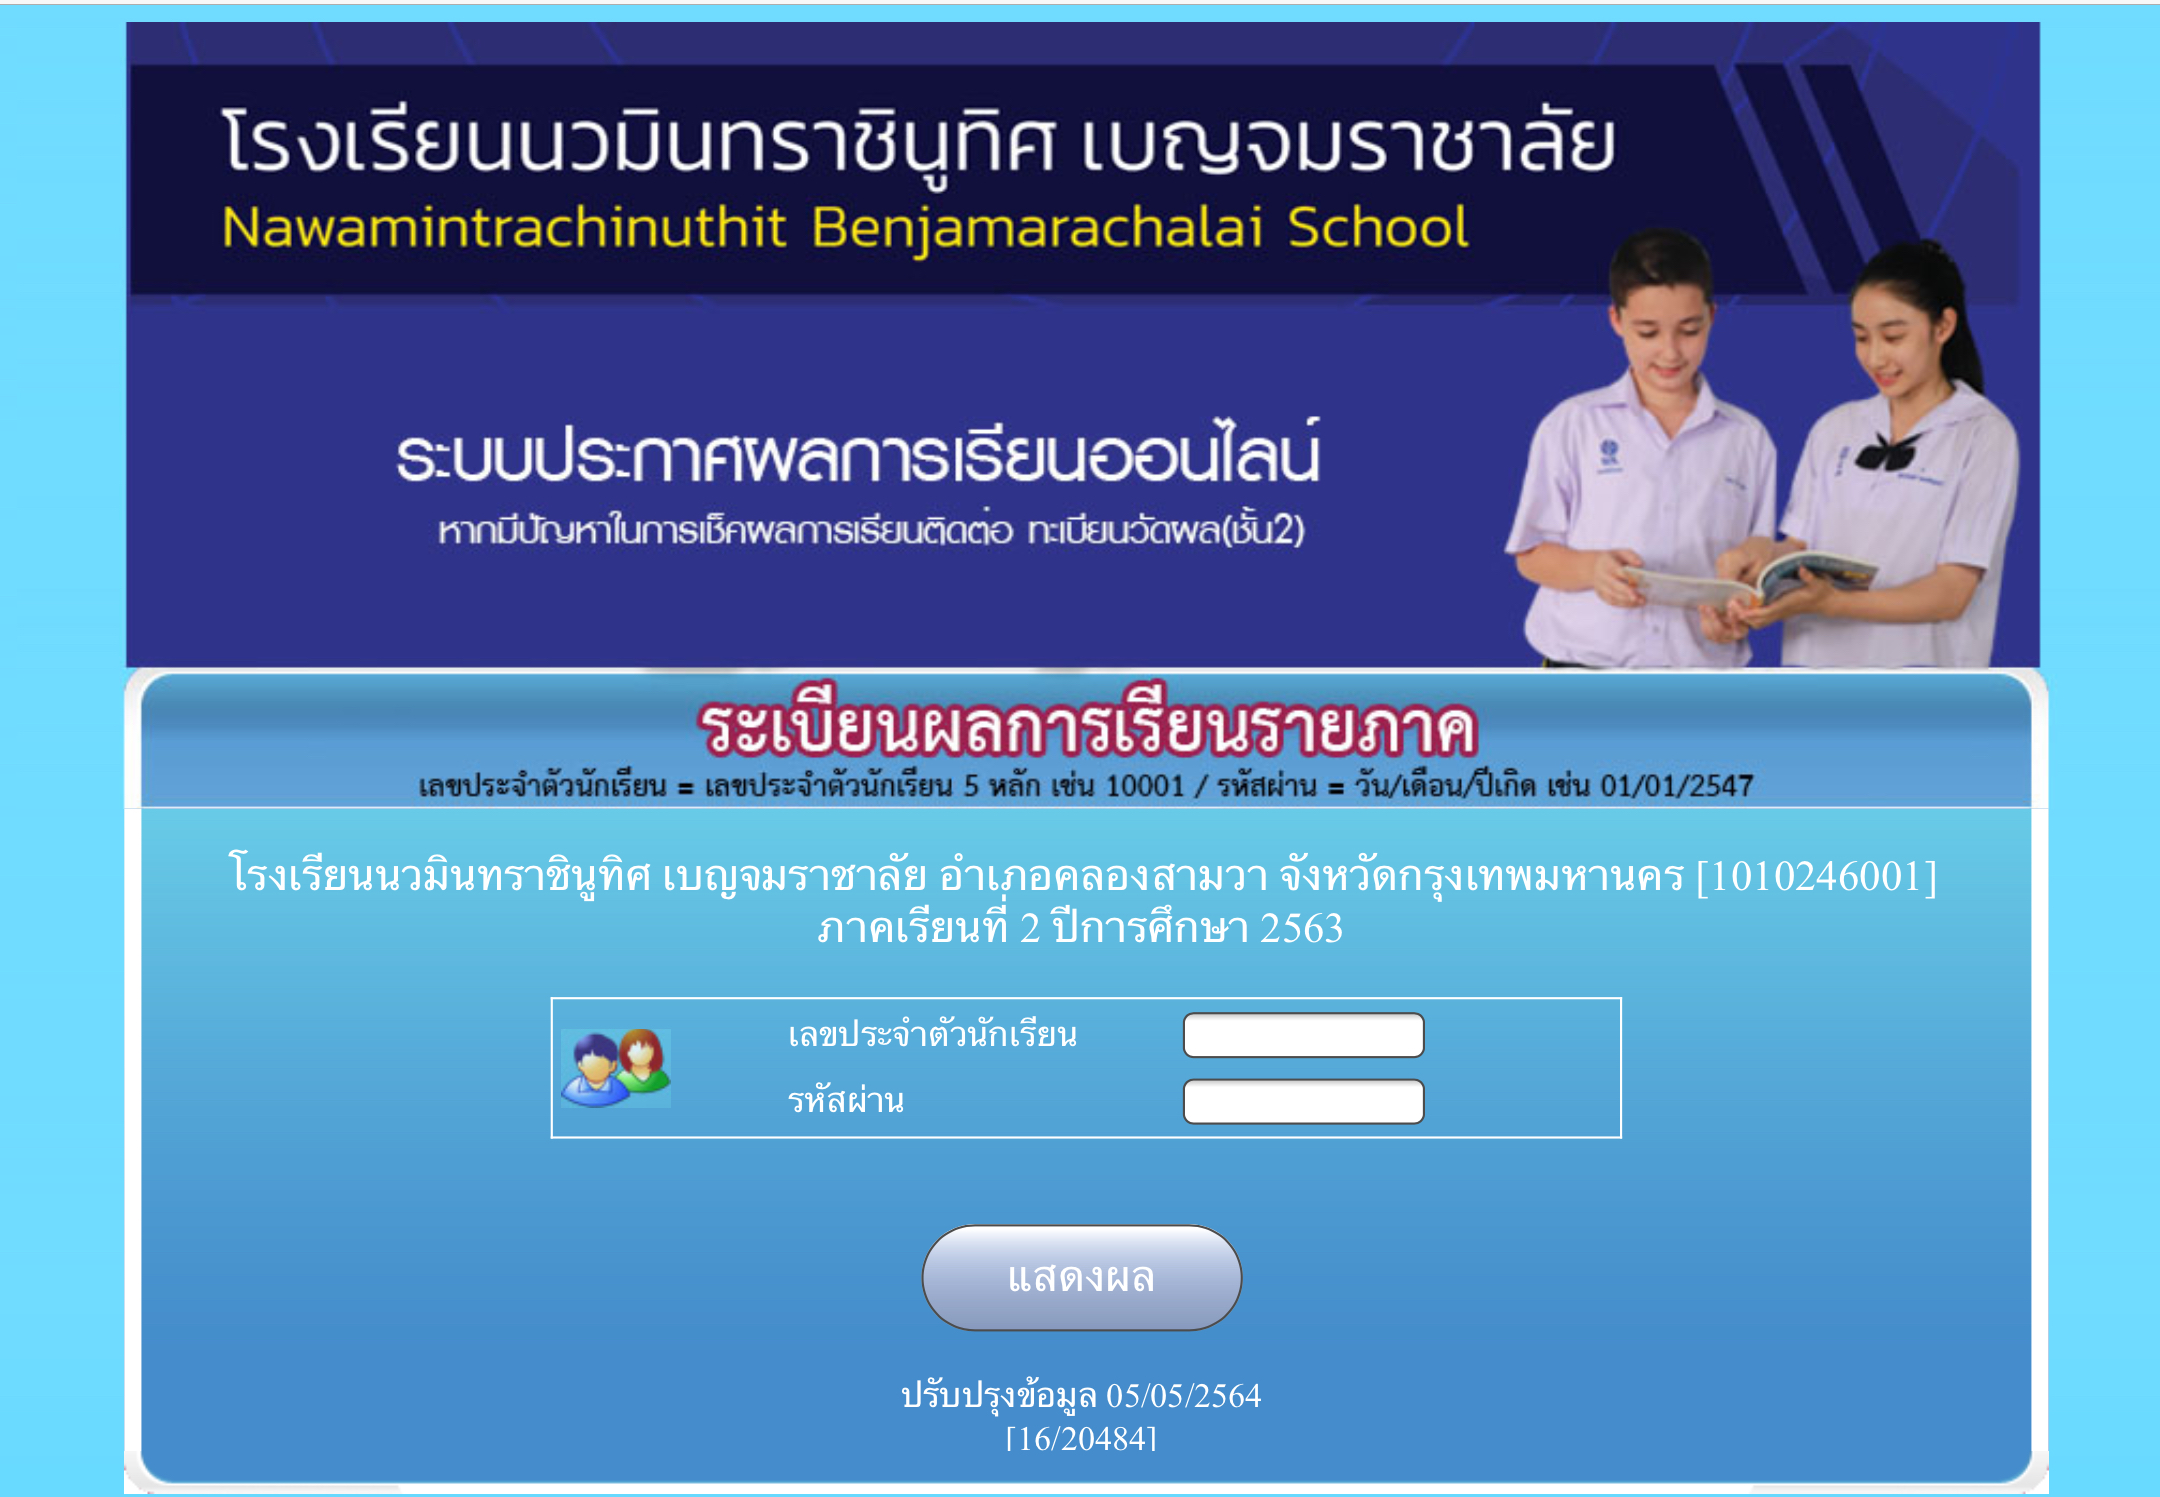 ประกาศผลคะแนนประเมินผลรายวิชา ภาคเรียนที่ 2 ประจำปีการศึกษา 2563